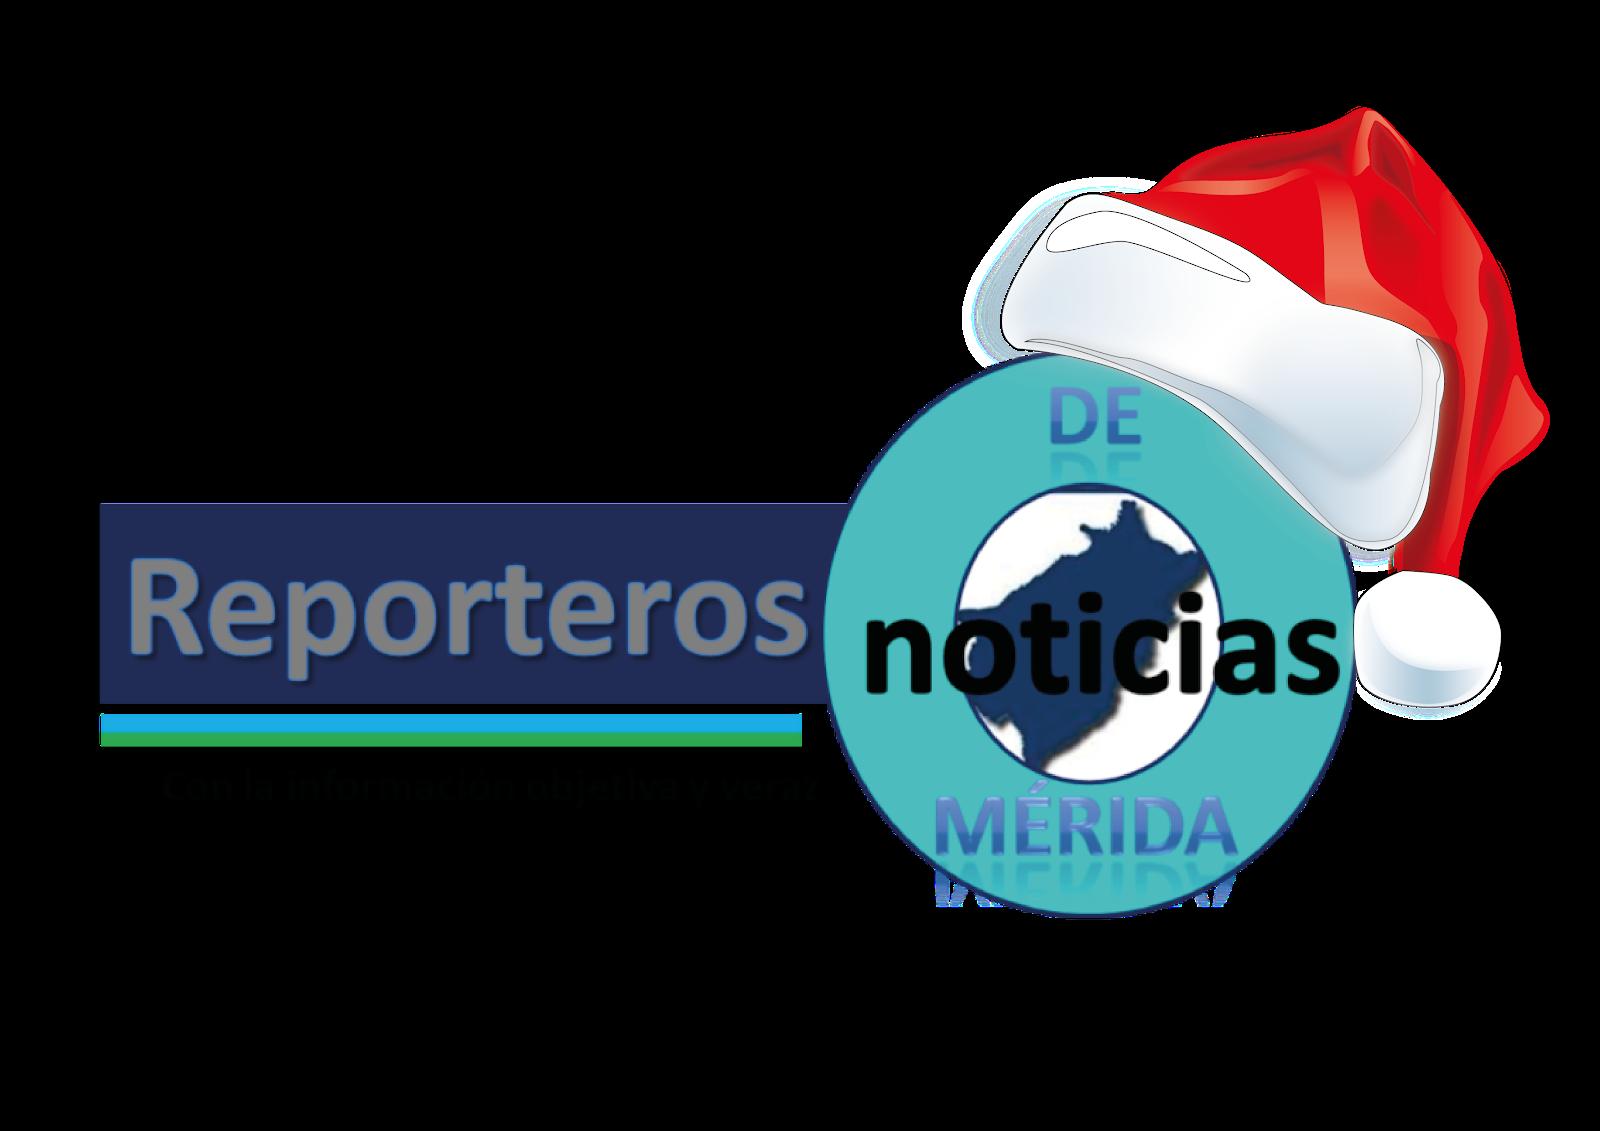 Reporteros de Mérida